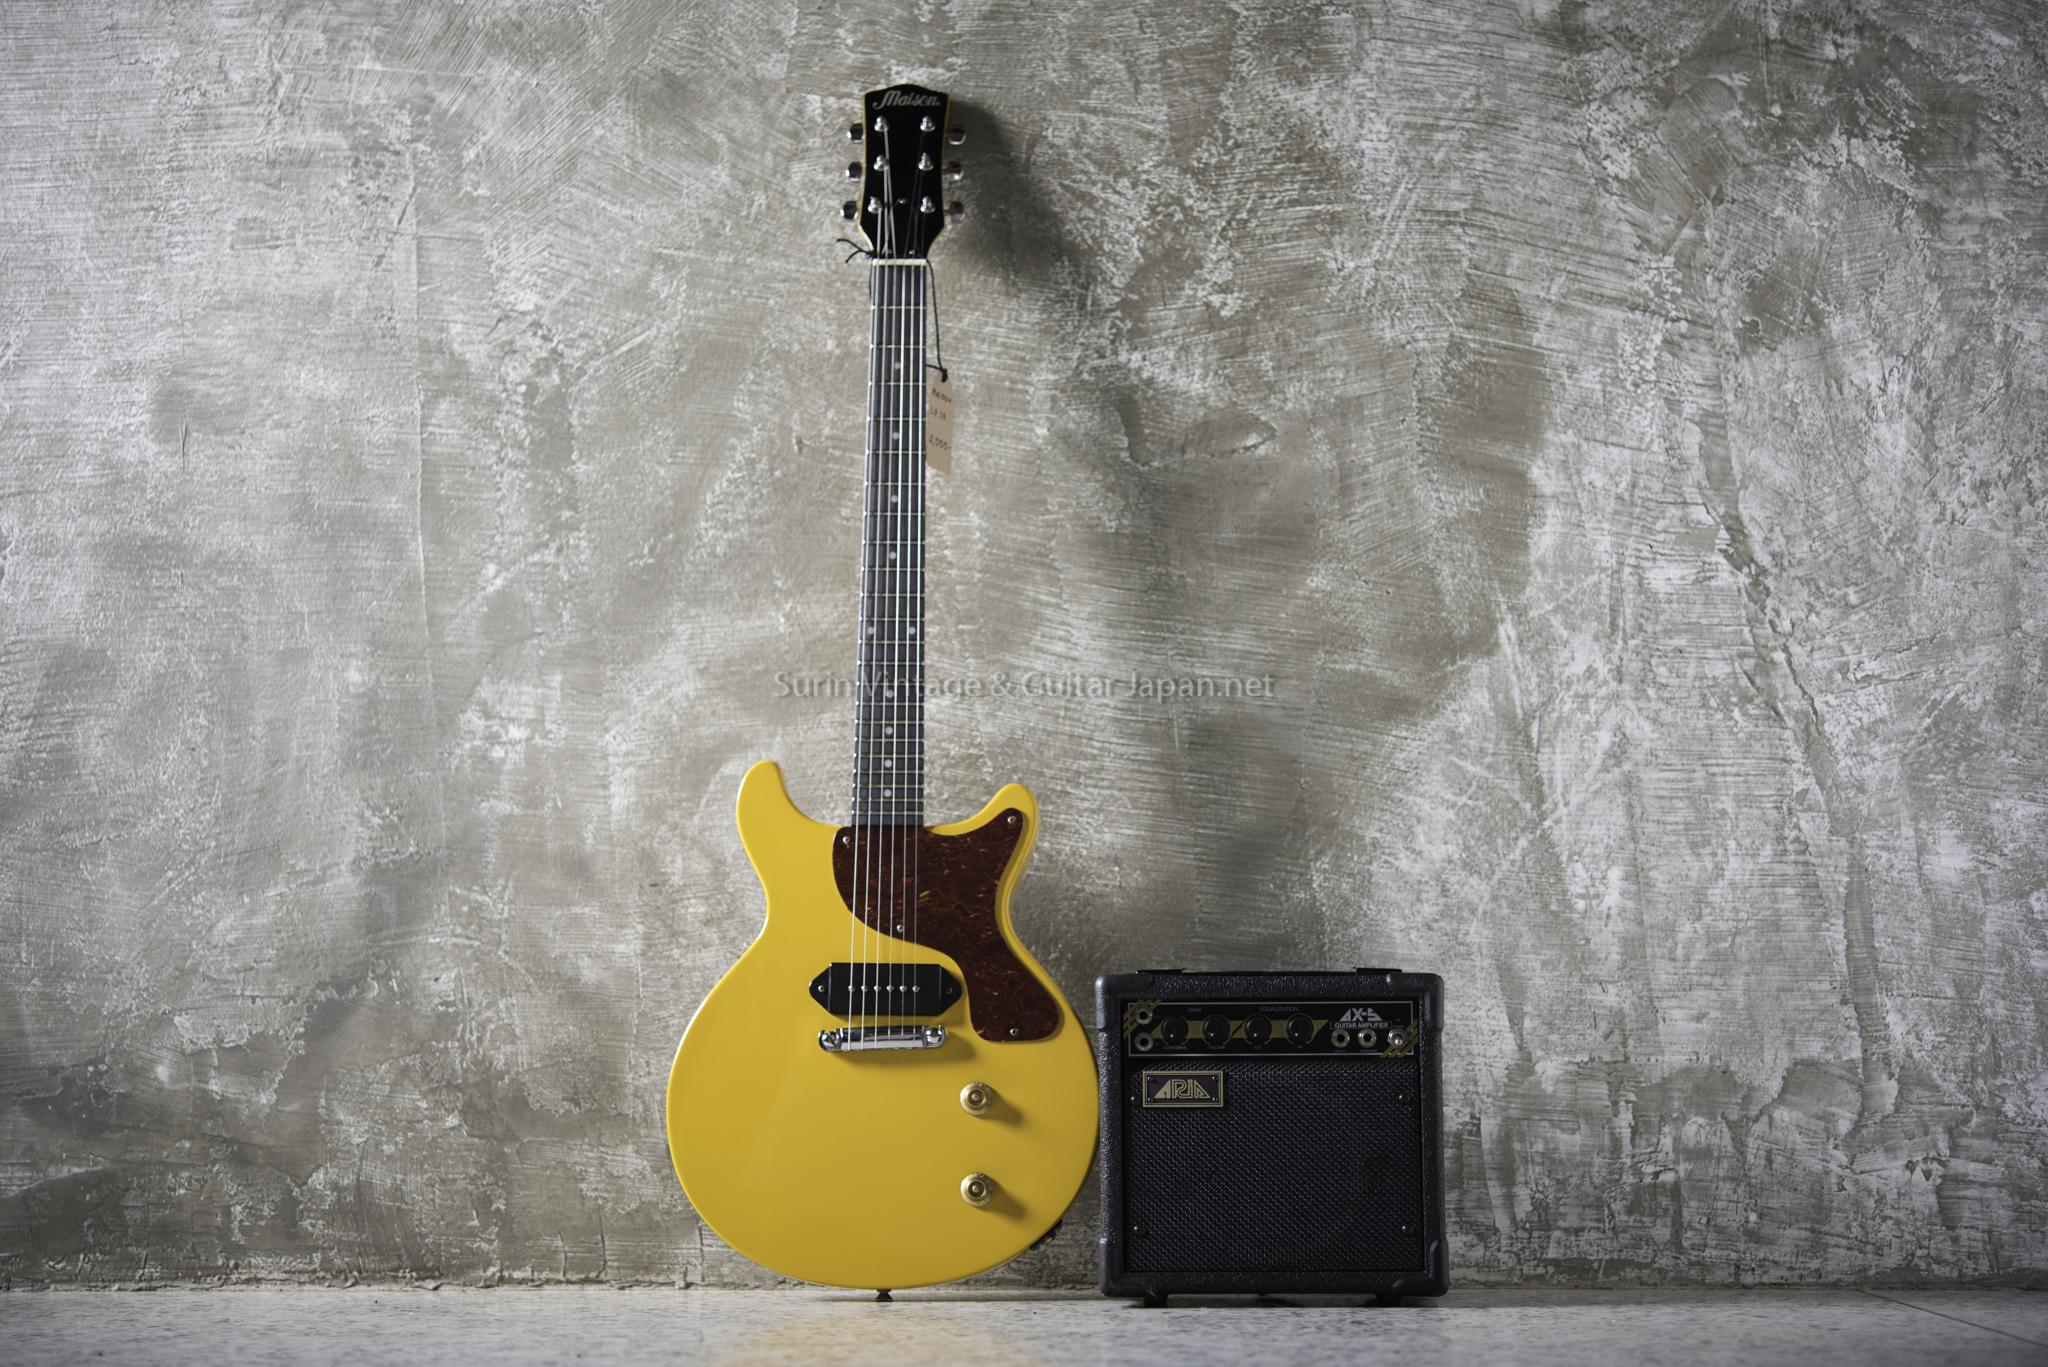 แอมป์กีต้าร์ไฟฟ้ามือสอง ARIA AX-5 No.2 Guitar Amp